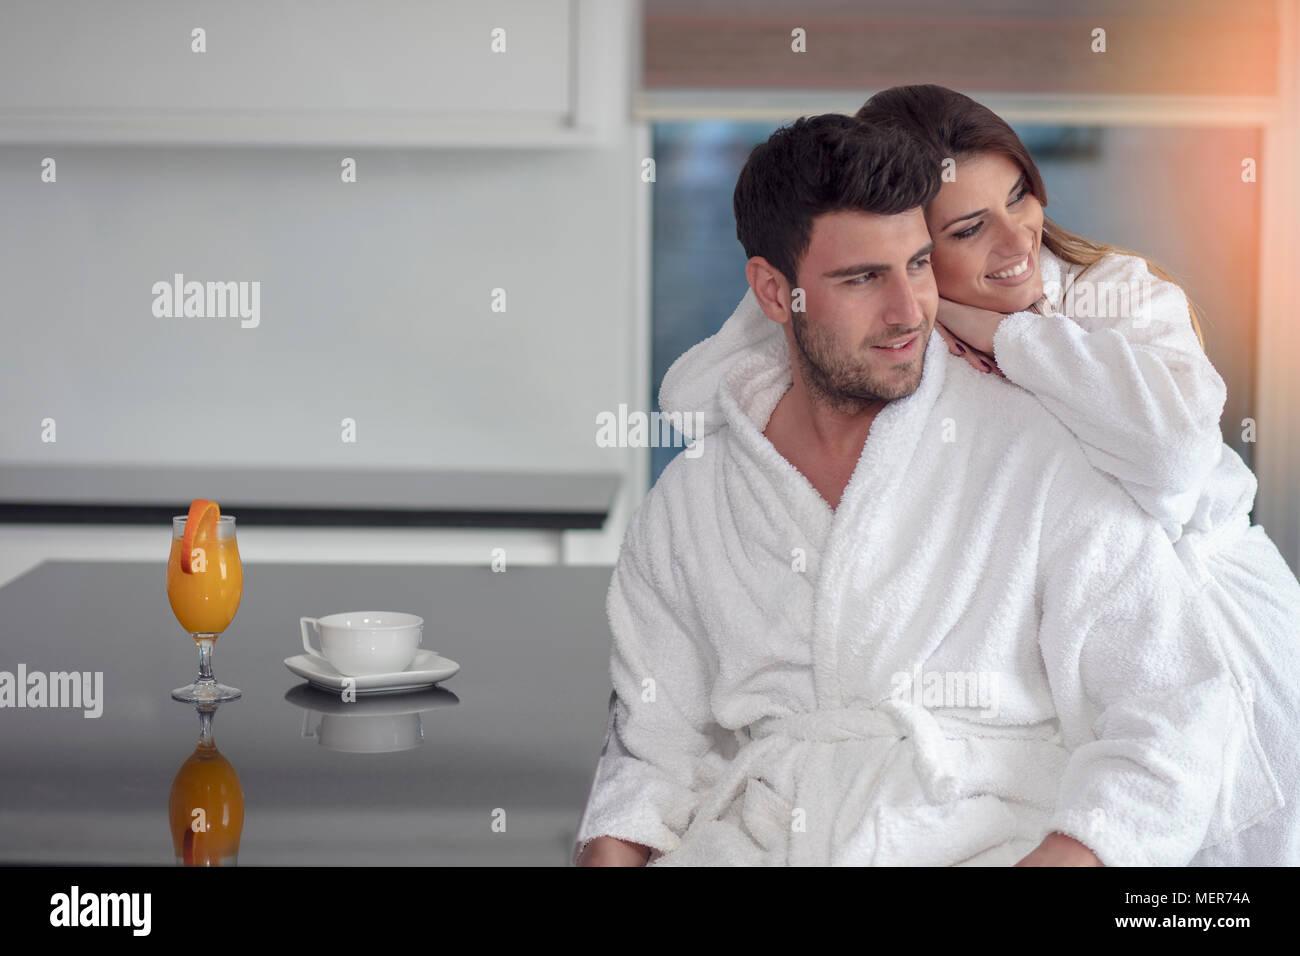 Portrait d'un homme et sa femme dans la cuisine pendant le petit-déjeuner Photo Stock